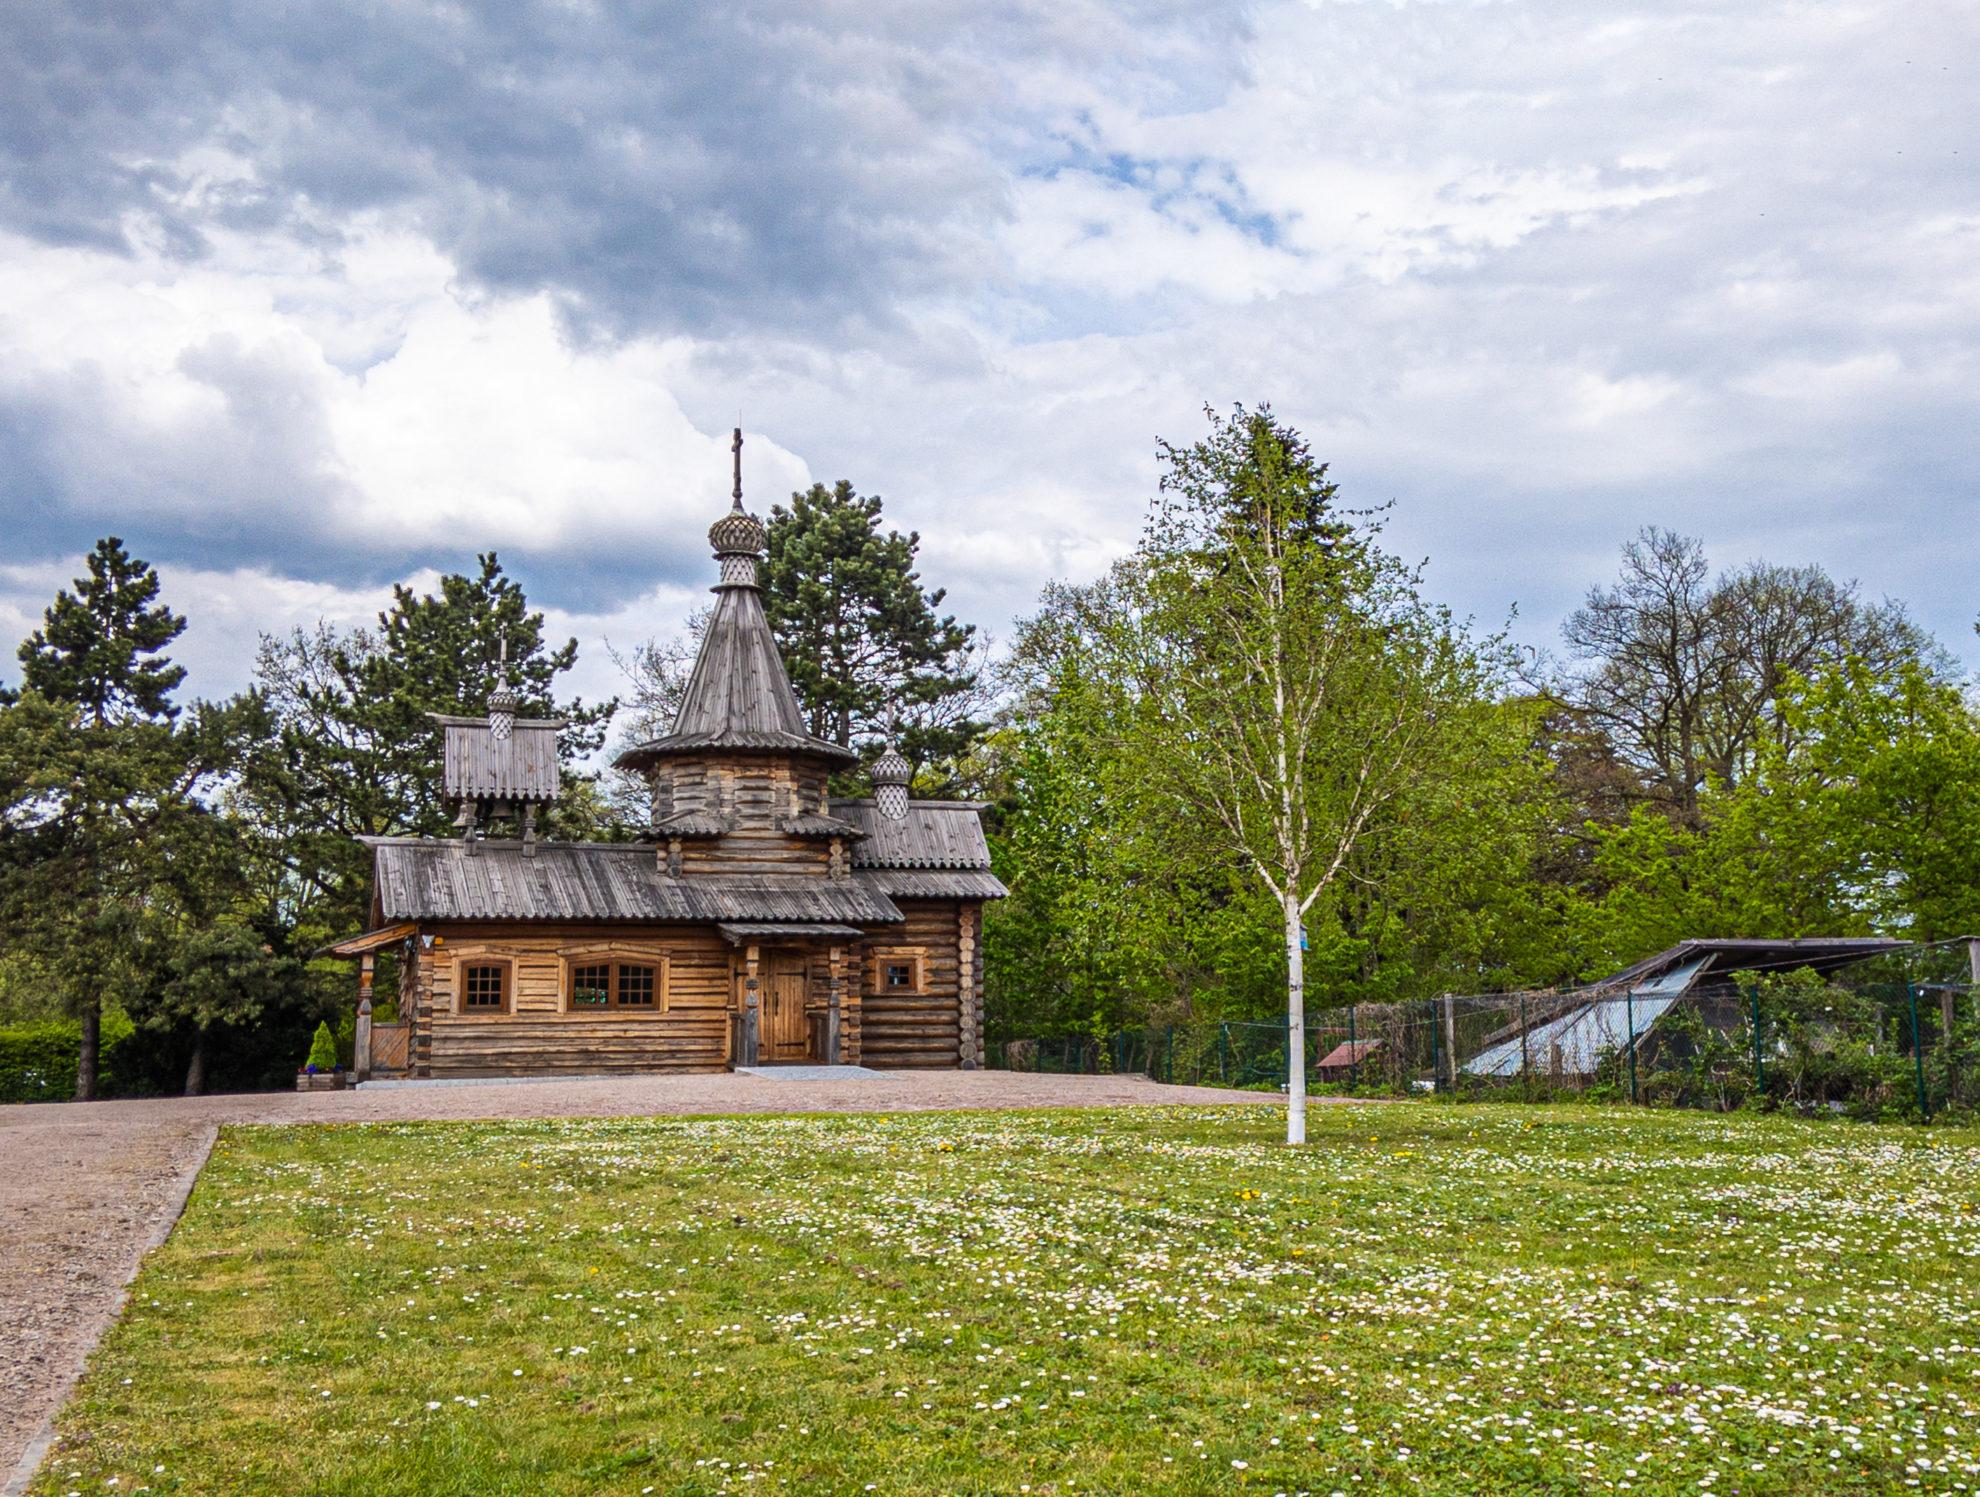 Holzkirche der Hl. Myronträgerinnen, Hamburg